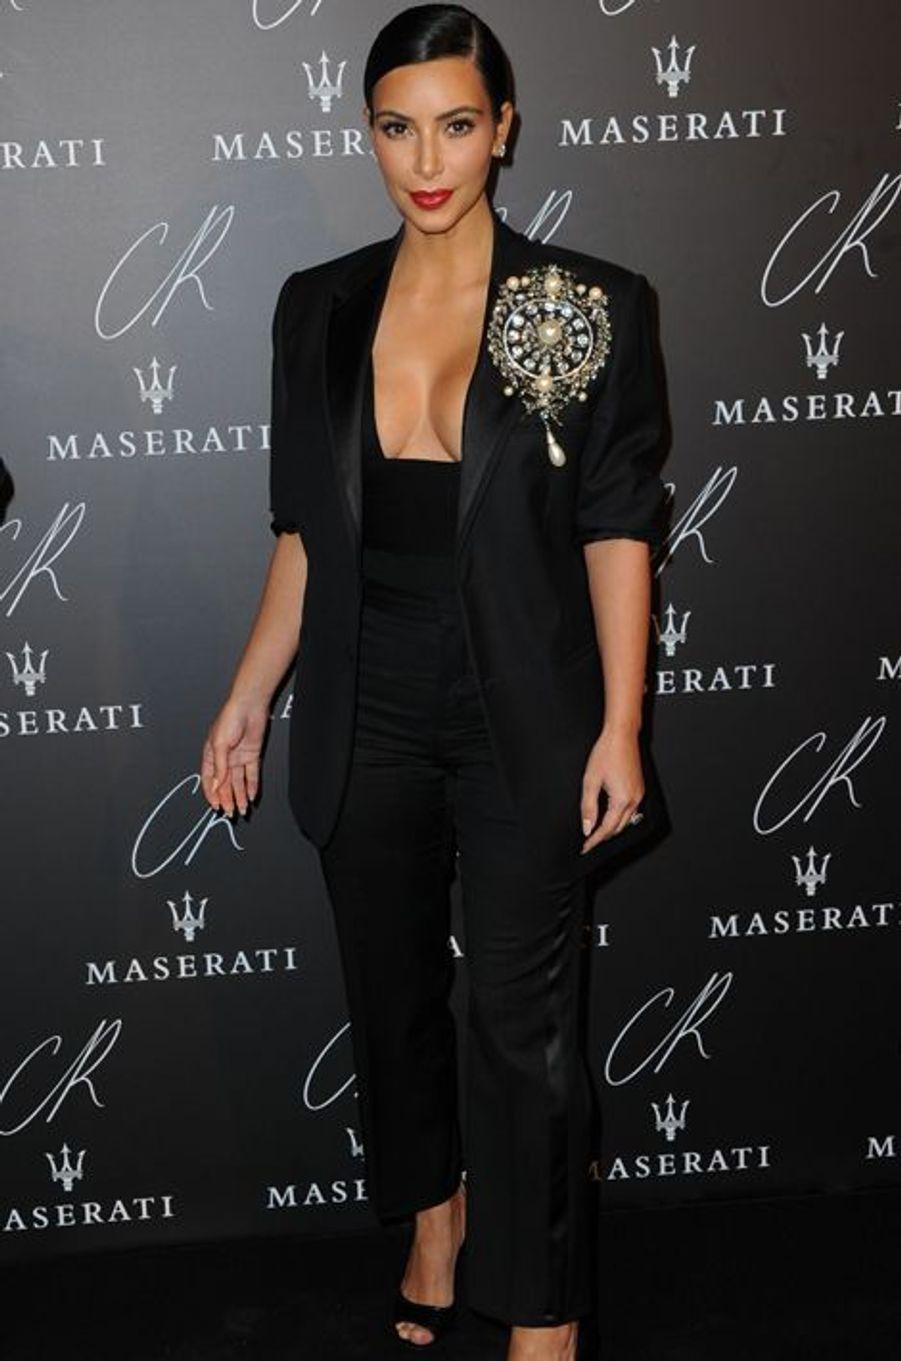 Kim Kardashian à la soirée CR Fashion Book organisée à Paris le mardi 30 septembre 2014